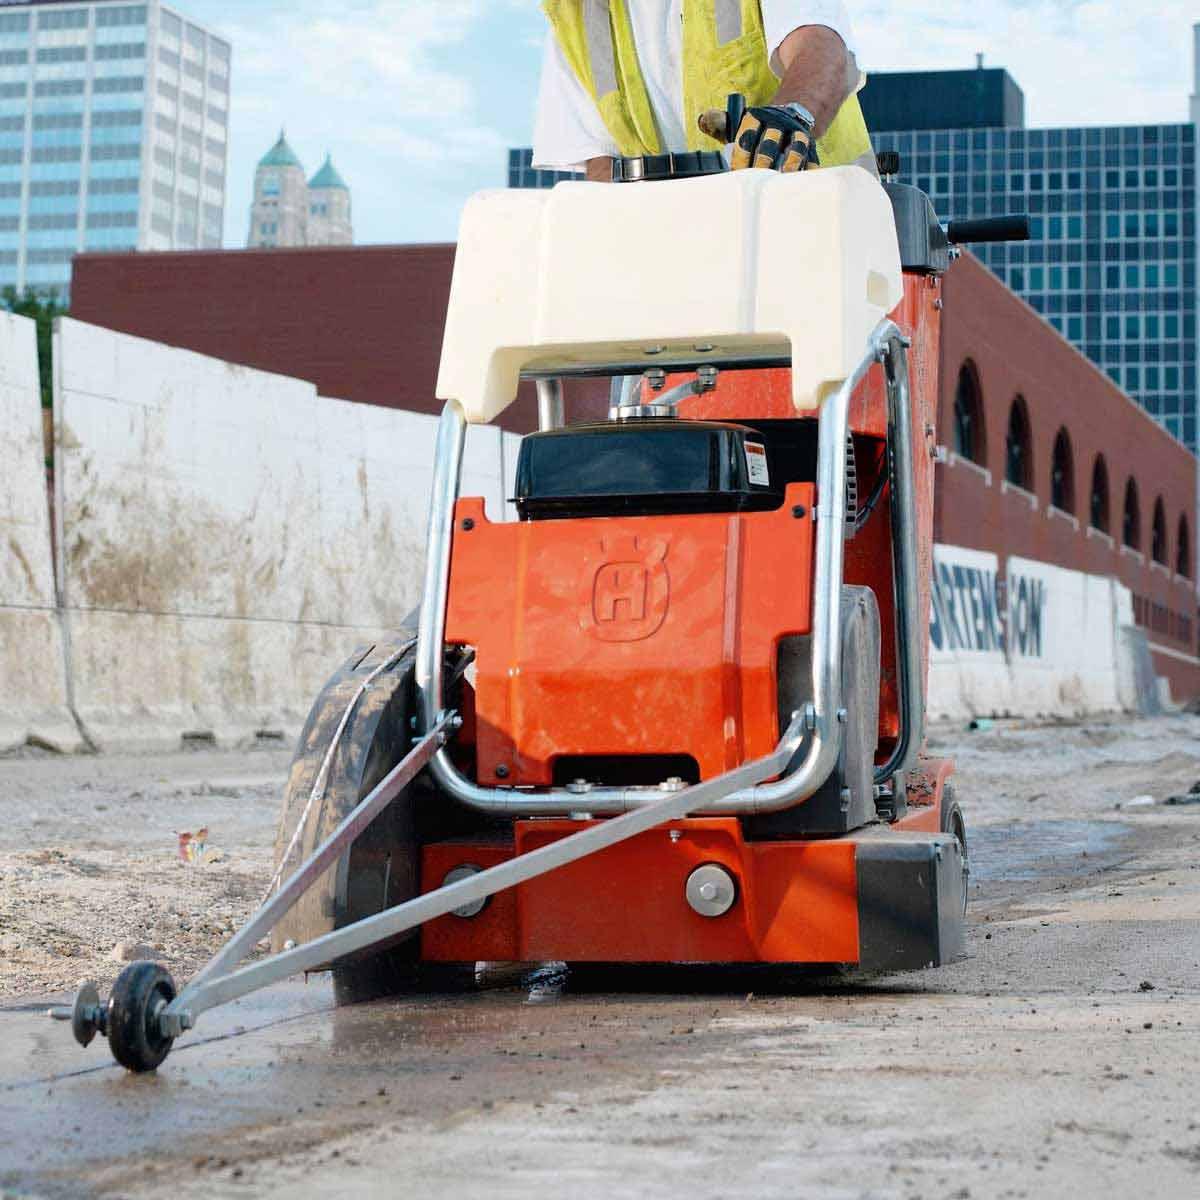 Husqvarna FS413 asphalt sawing